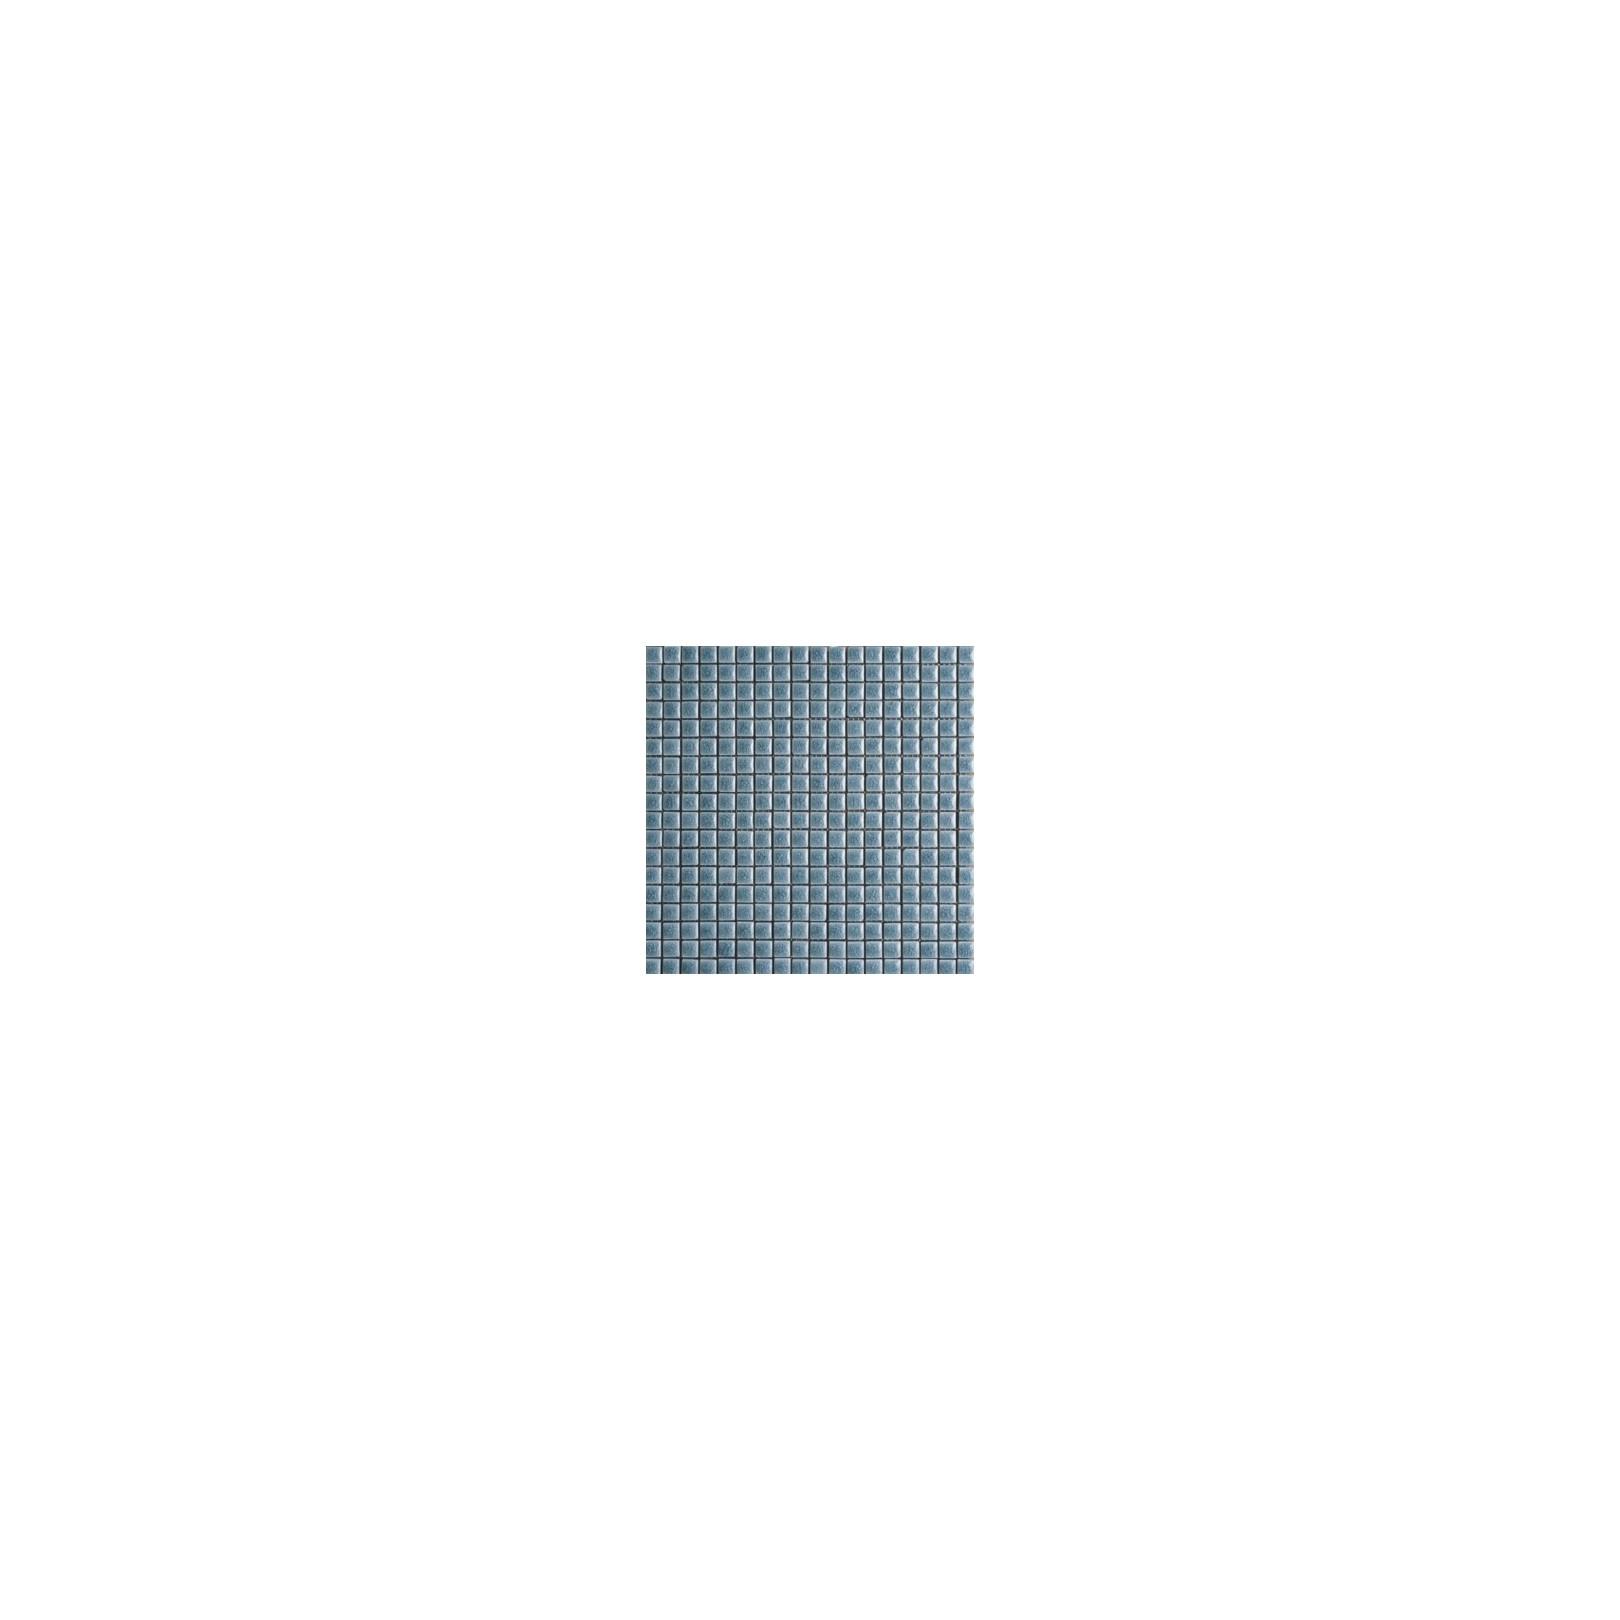 Mosaïque lave émaillée Grey, 1,5x1,5cm sur trame 29,6x29,6cm